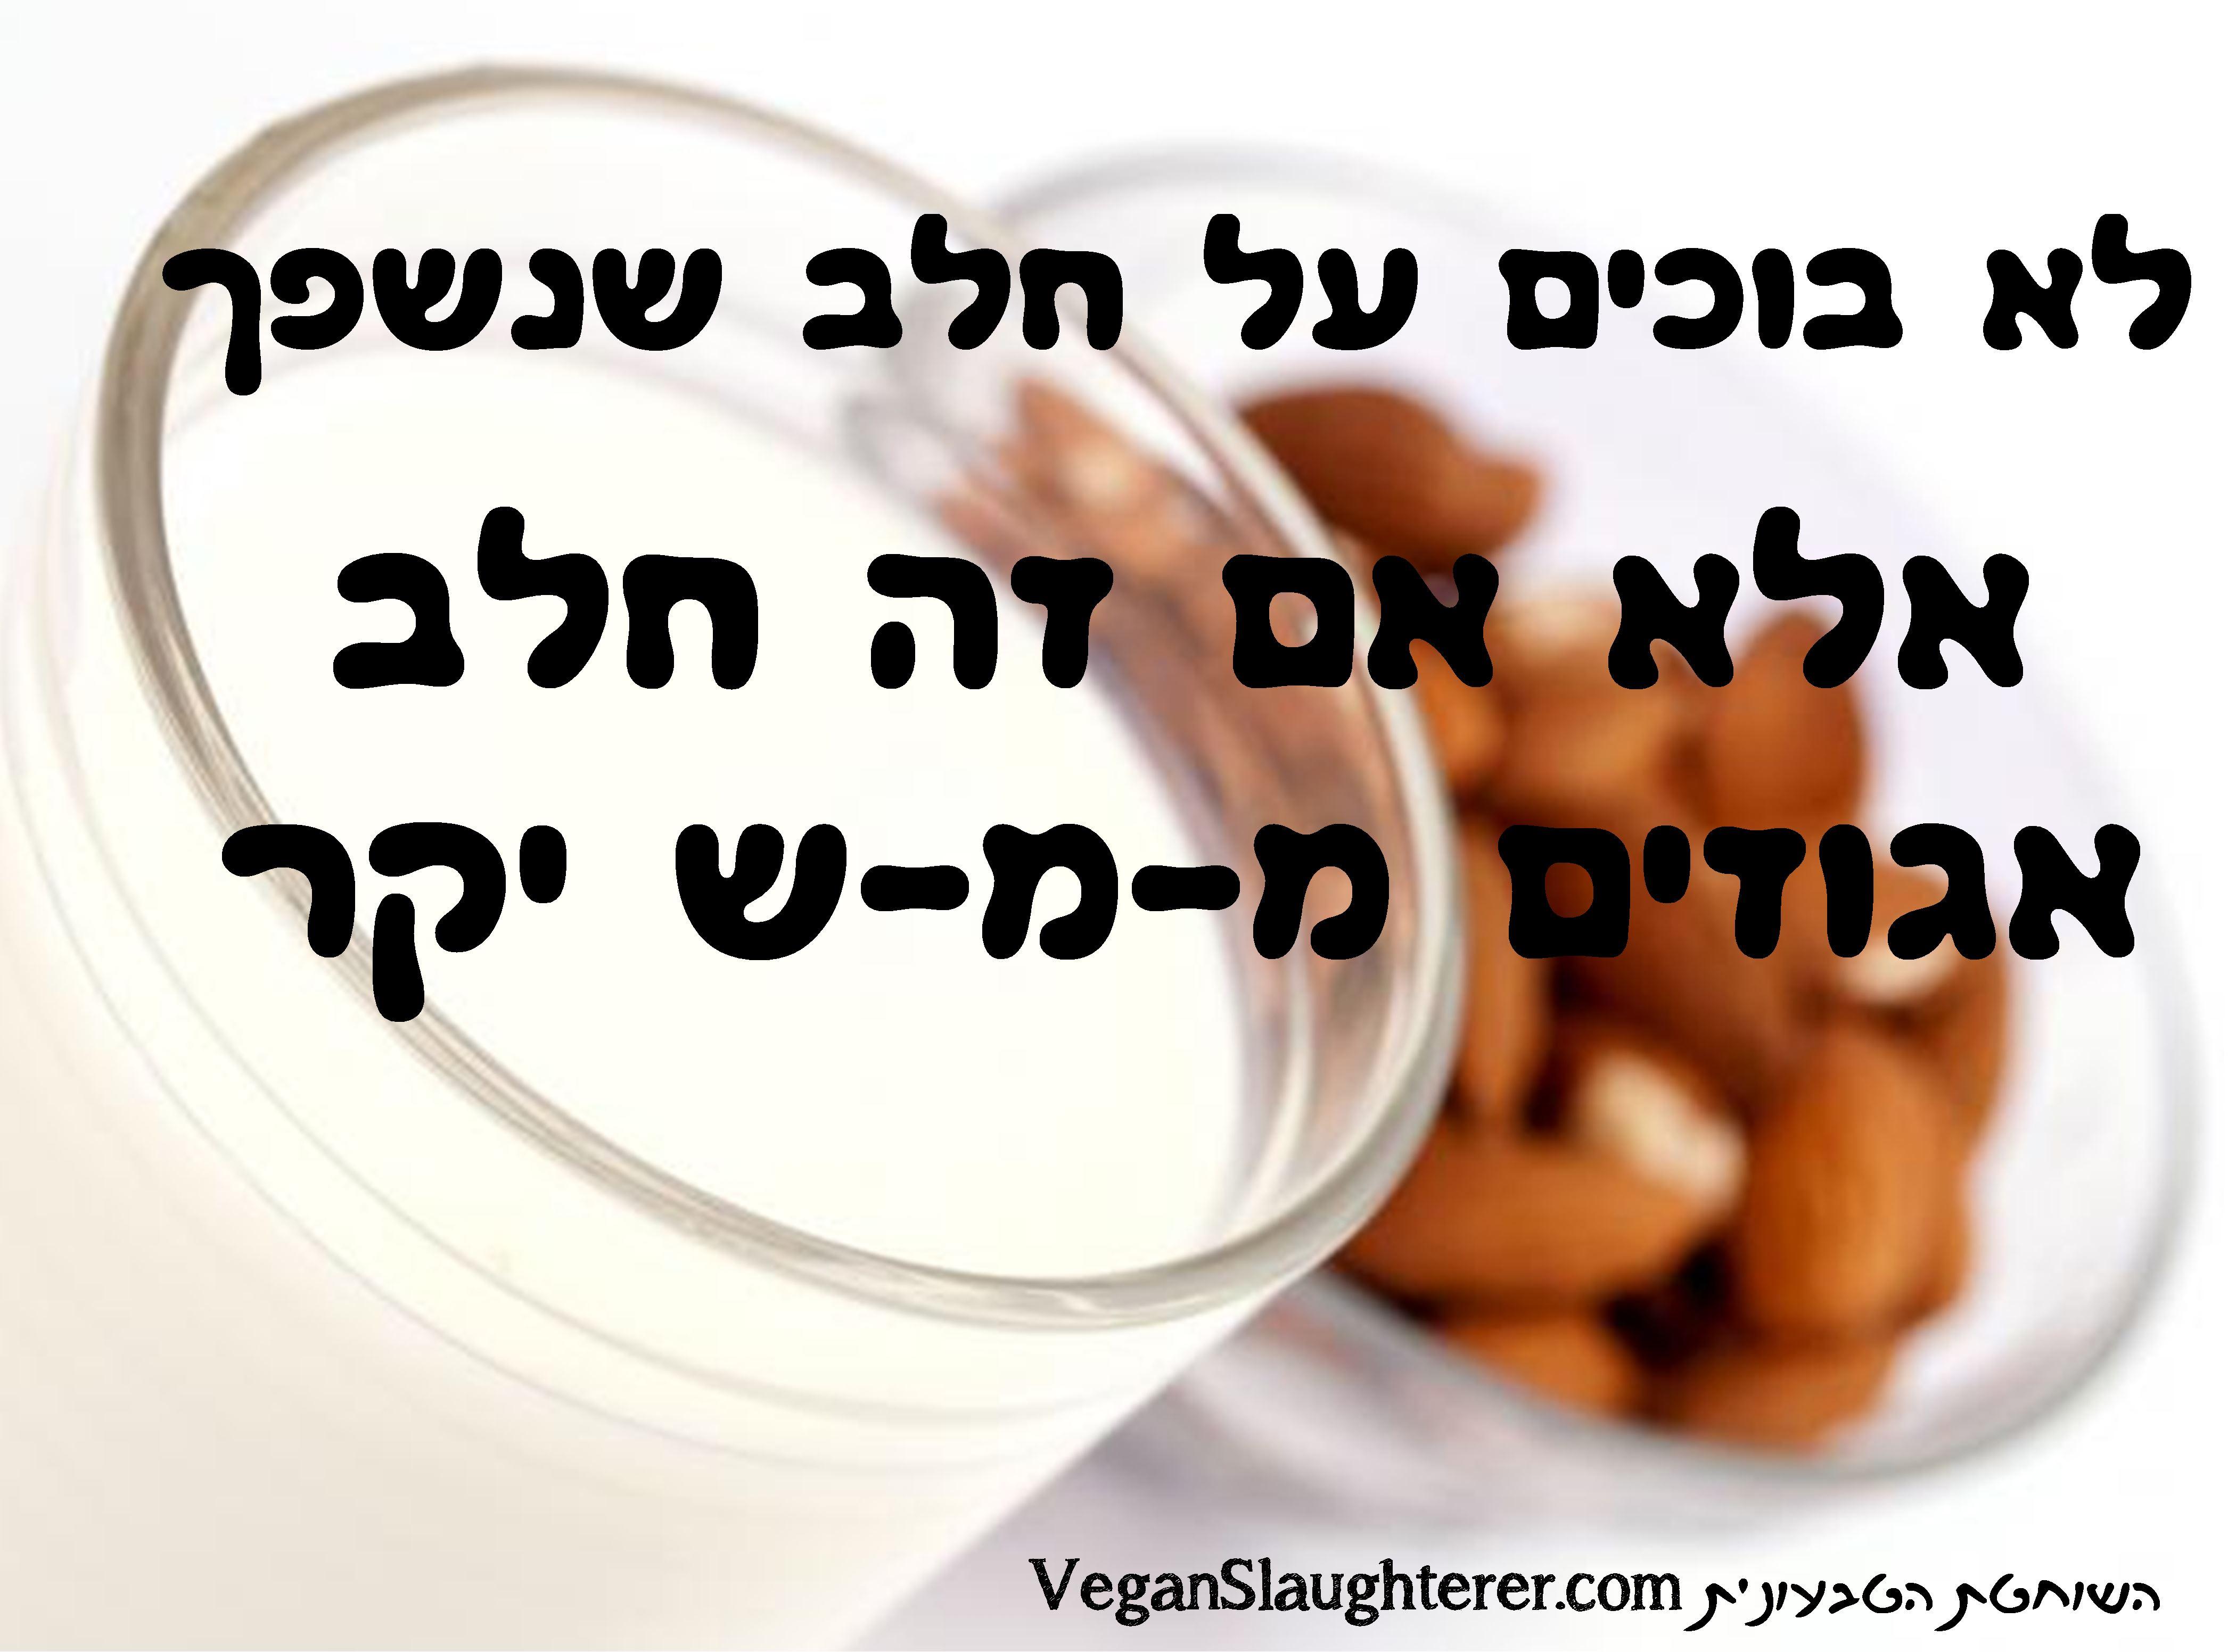 לא בוכים על חלב שנשפך, אלא אם זה חלב אגוזים ממש יקר. הומור טבעוני, בדיחות מתכונים טבעוניים של השוחטת הטבעונית יעלי שוחט